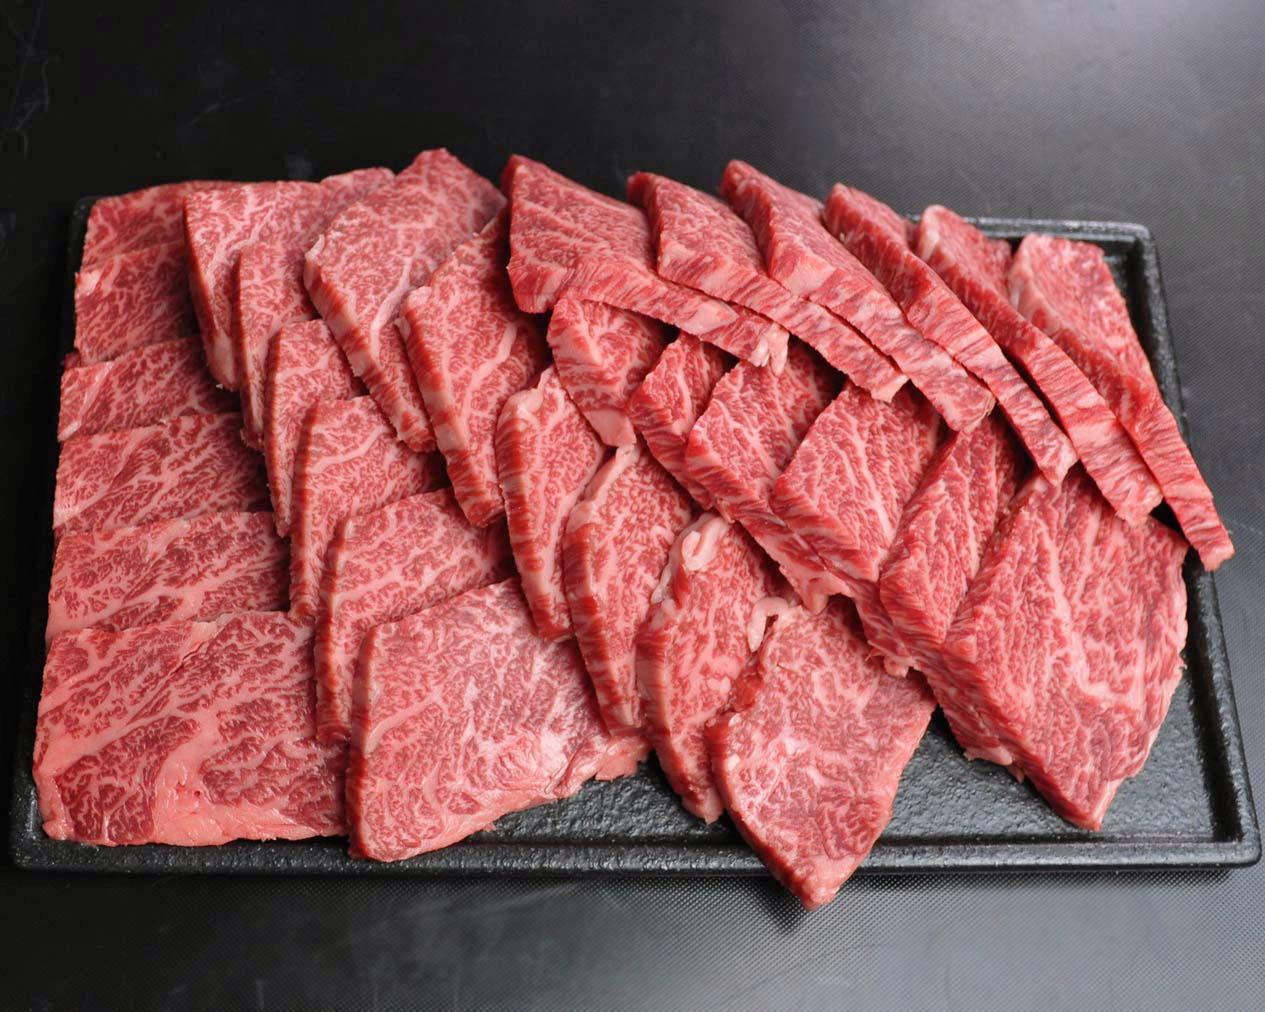 黒毛和牛焼肉赤身 1000g【簡易トレーパック】<MYK100>